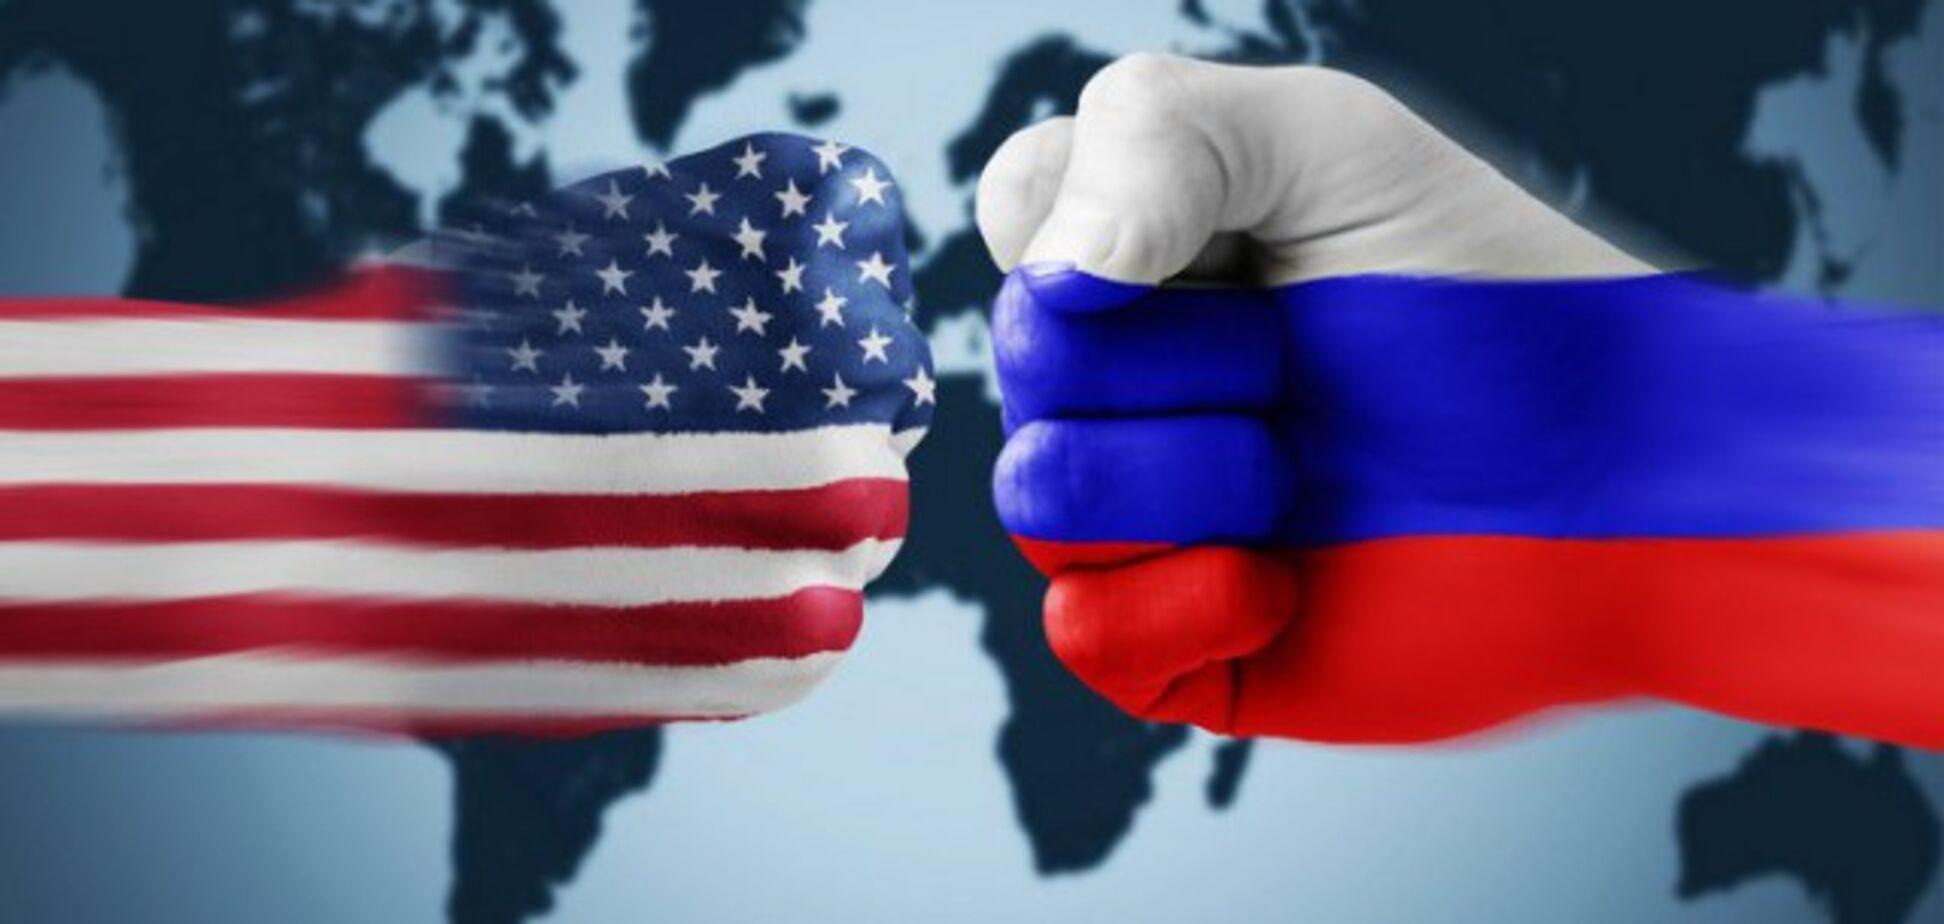 Время жесткого разговора с Кремлем пришло